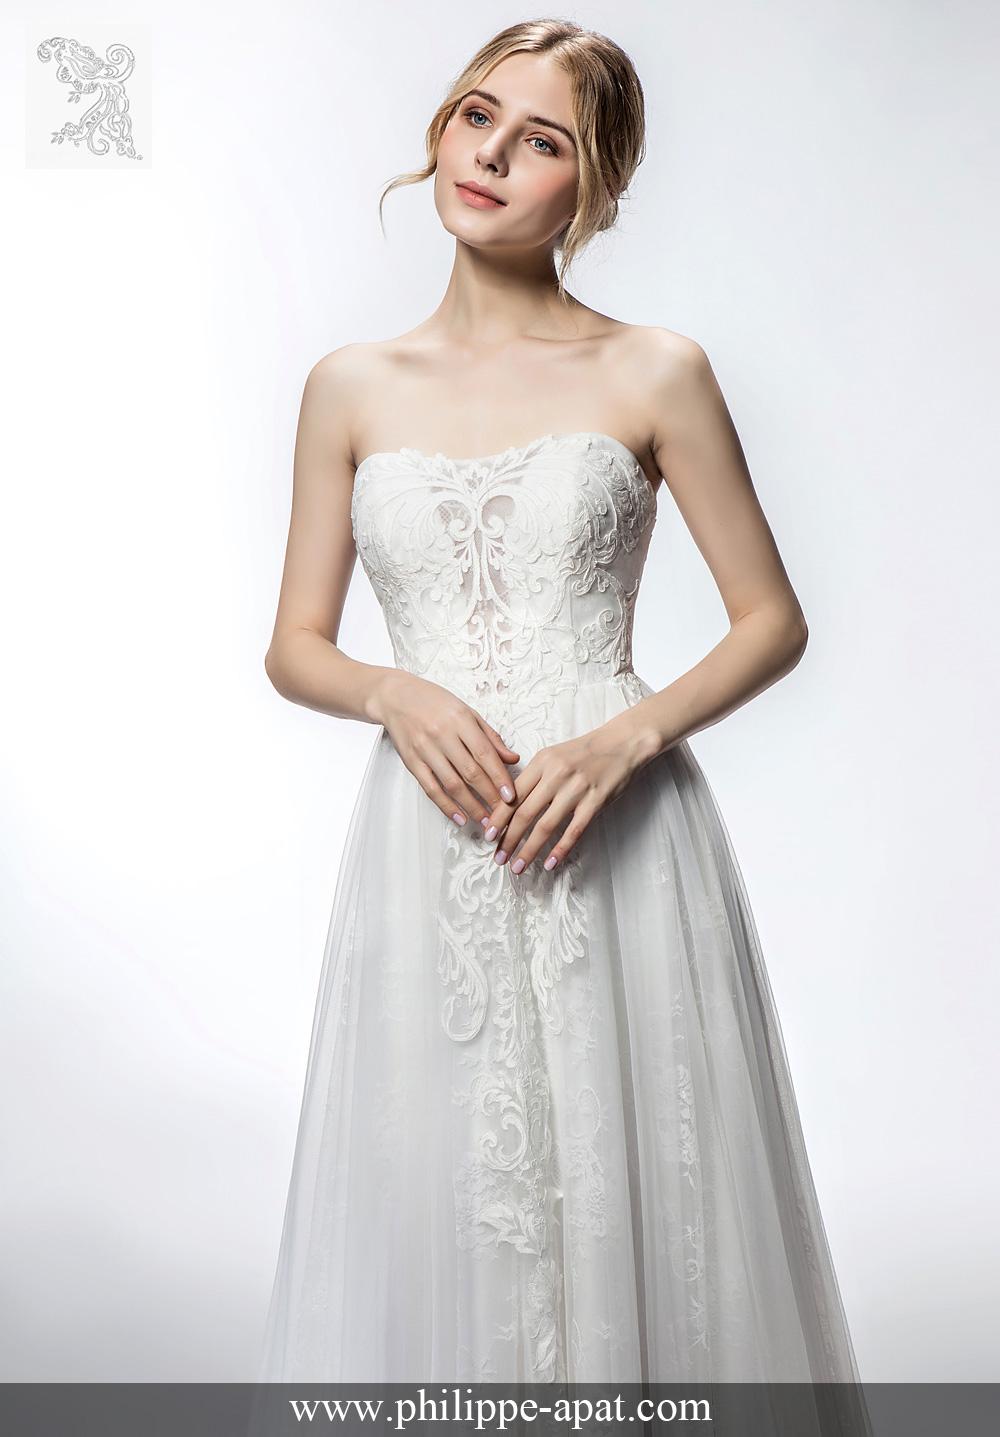 robes de mari e 2018 collection philippe apat mod les mariage soie blanc ivoire 2019. Black Bedroom Furniture Sets. Home Design Ideas